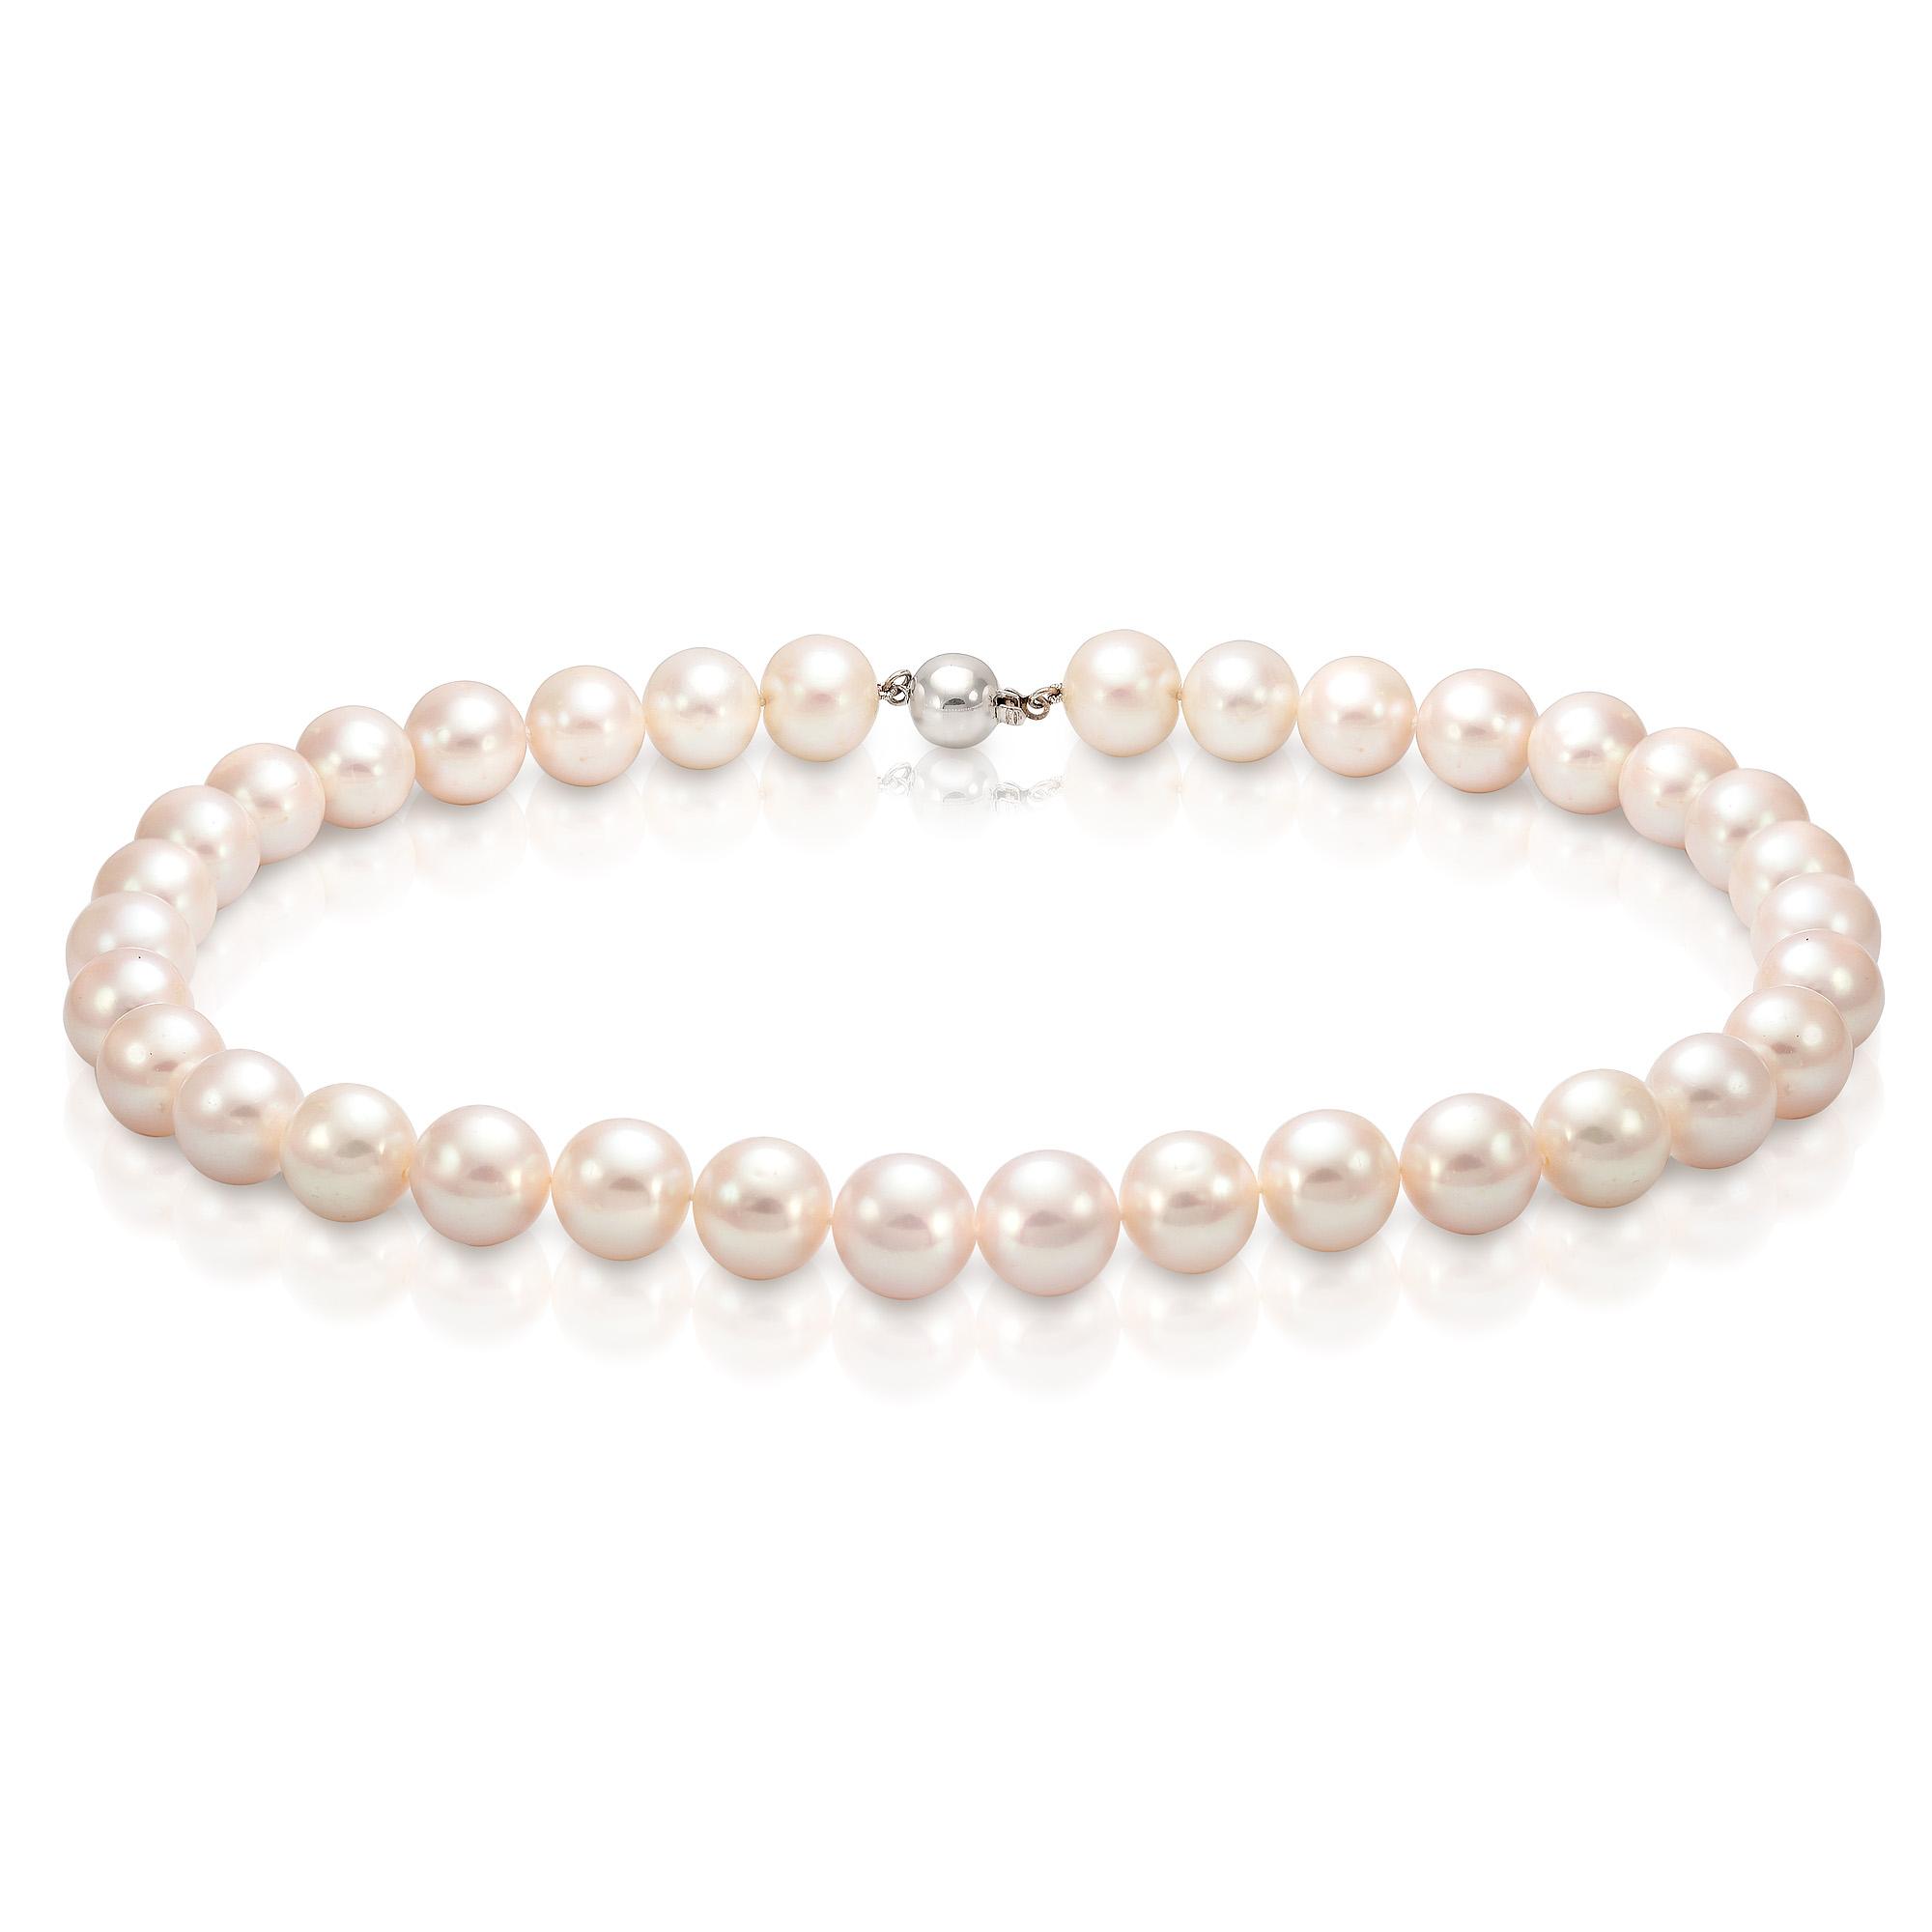 Ожерелье из белого морского жемчуга. Жемчужины 11-11,5 мм